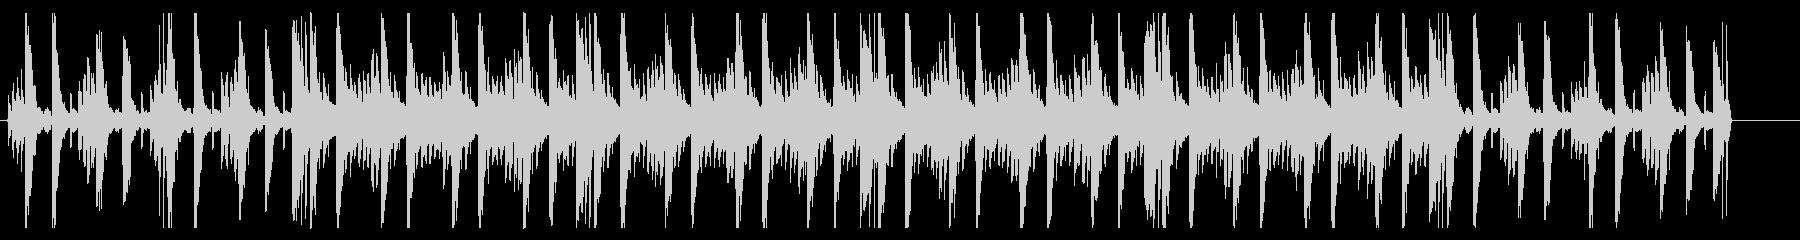 オーガニックアジアンヒーリングBGMの未再生の波形